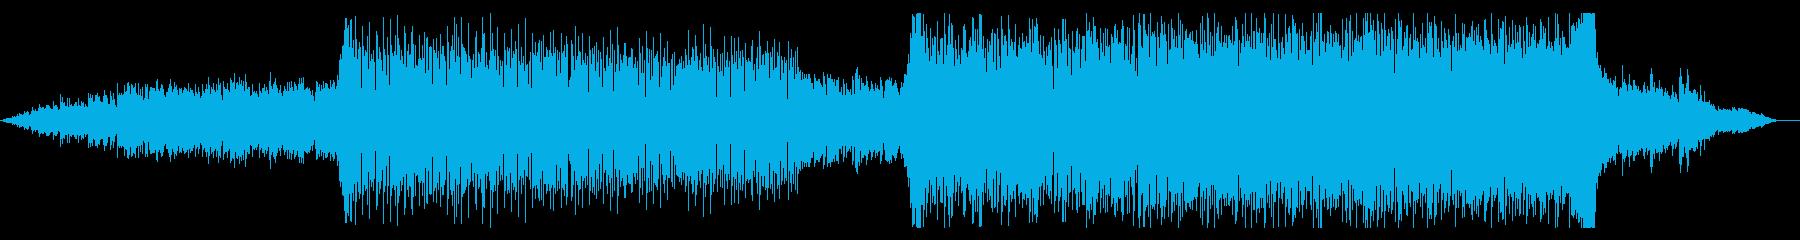 キラキラした幻想的なピアノテクノの再生済みの波形